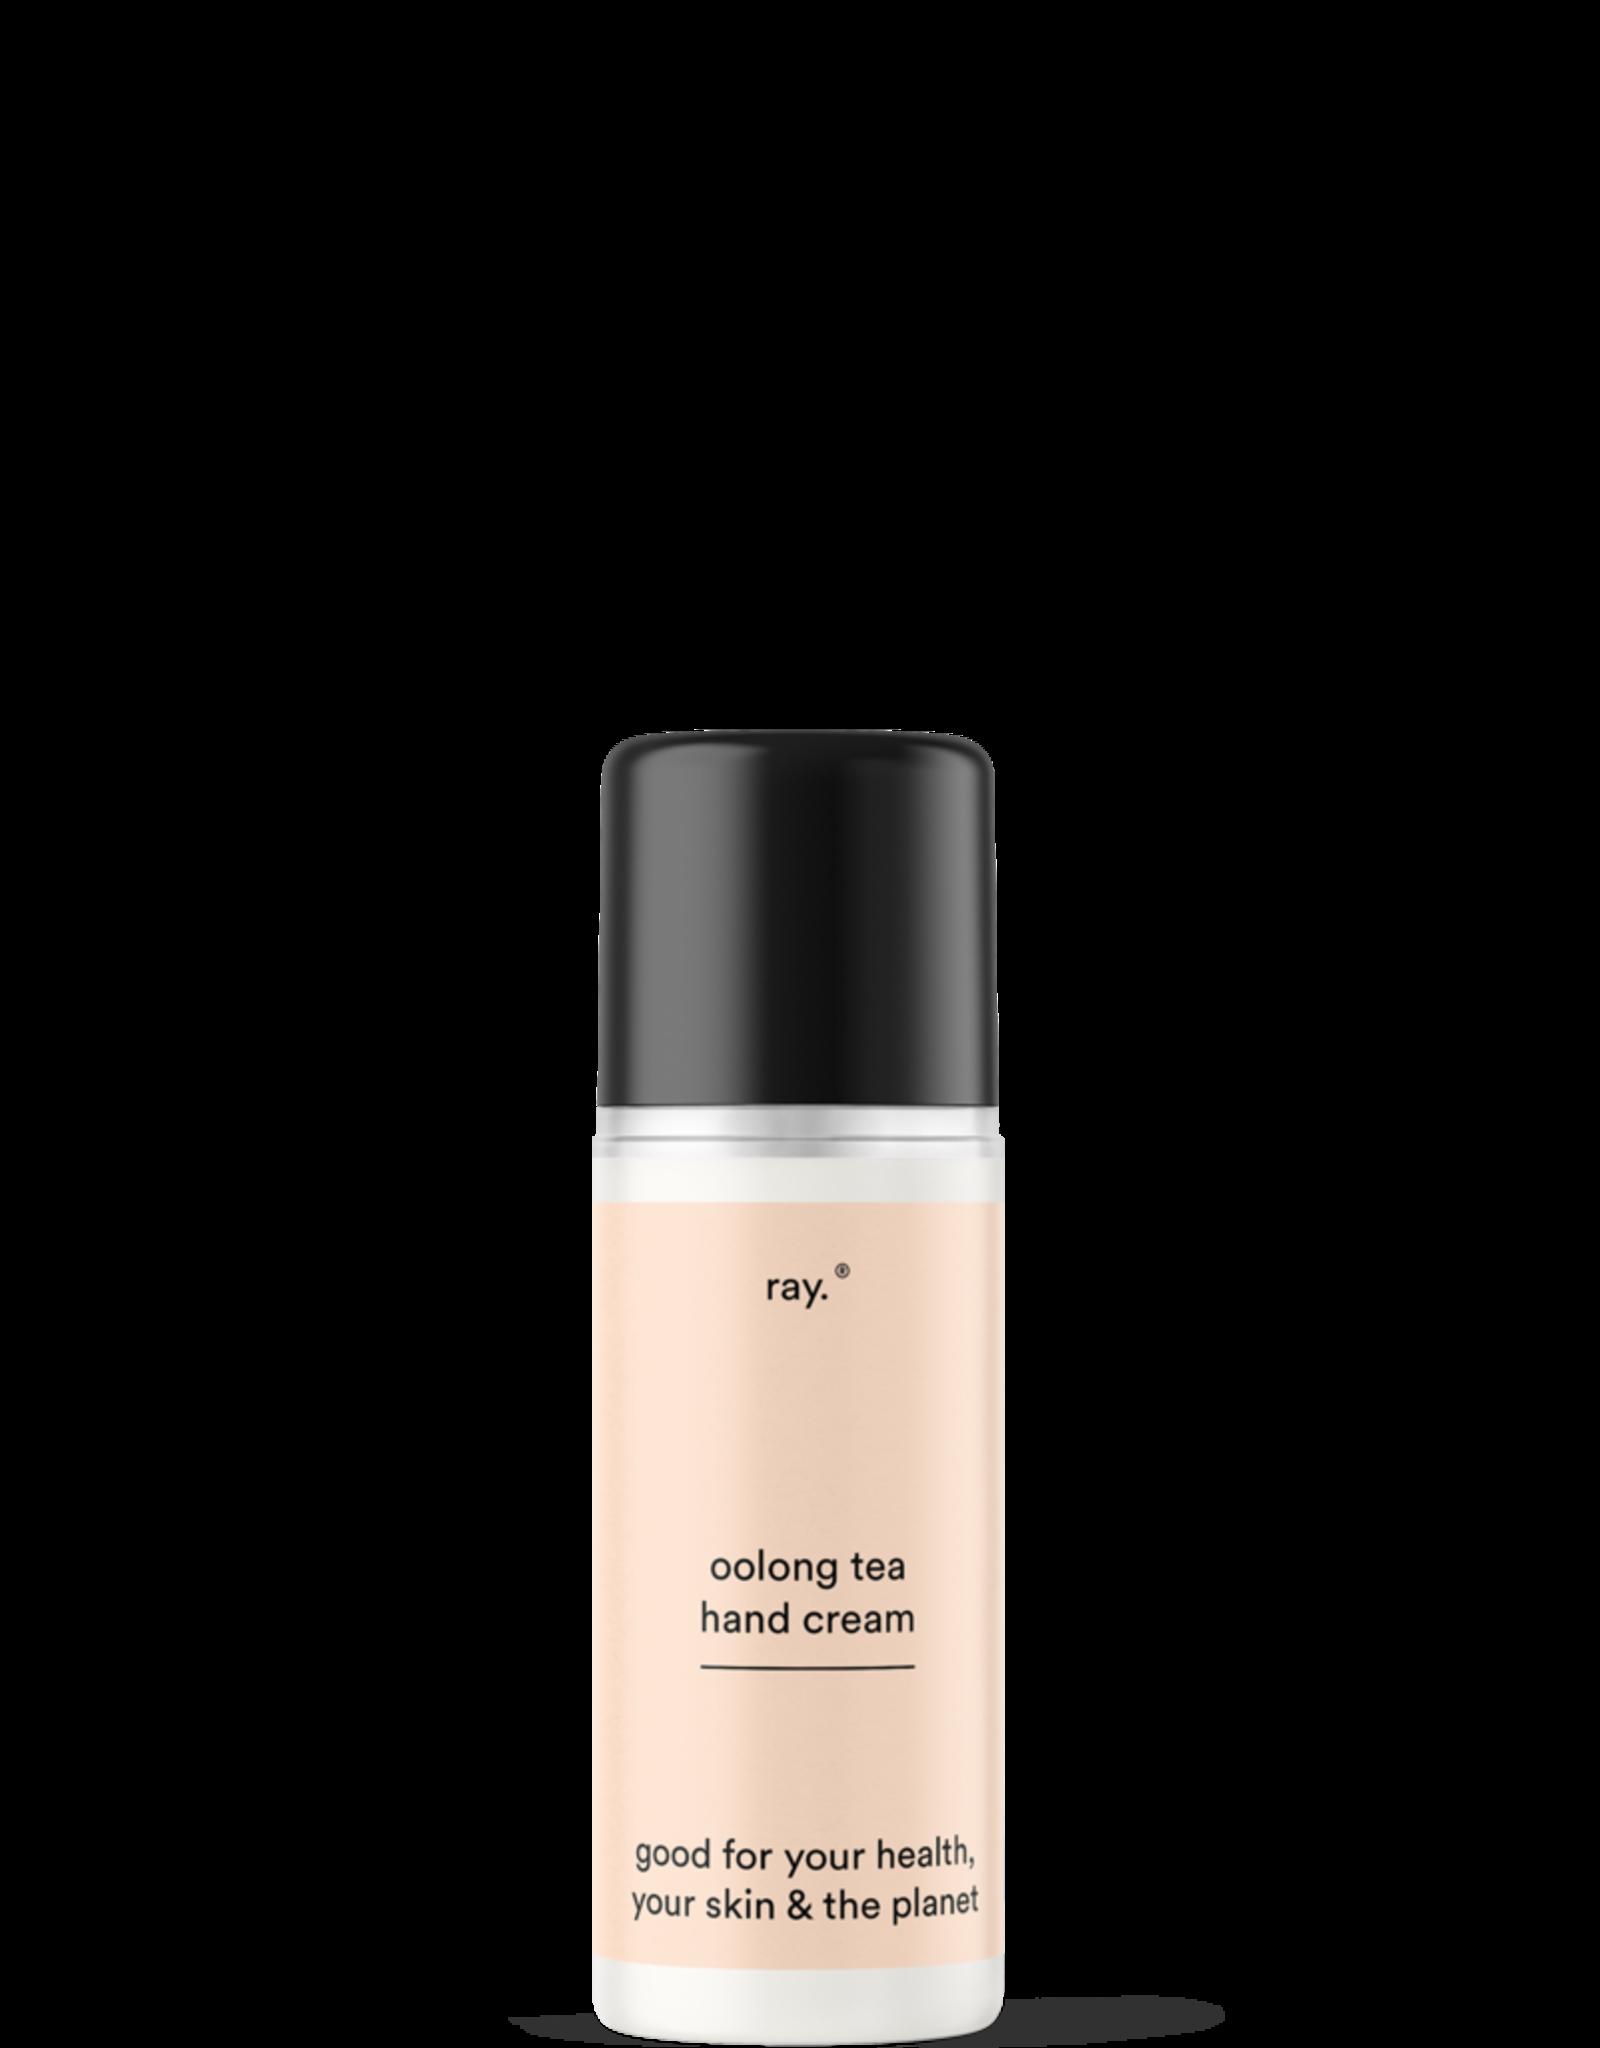 ray Ray. Hand Cream - 50ml - Grapefruit